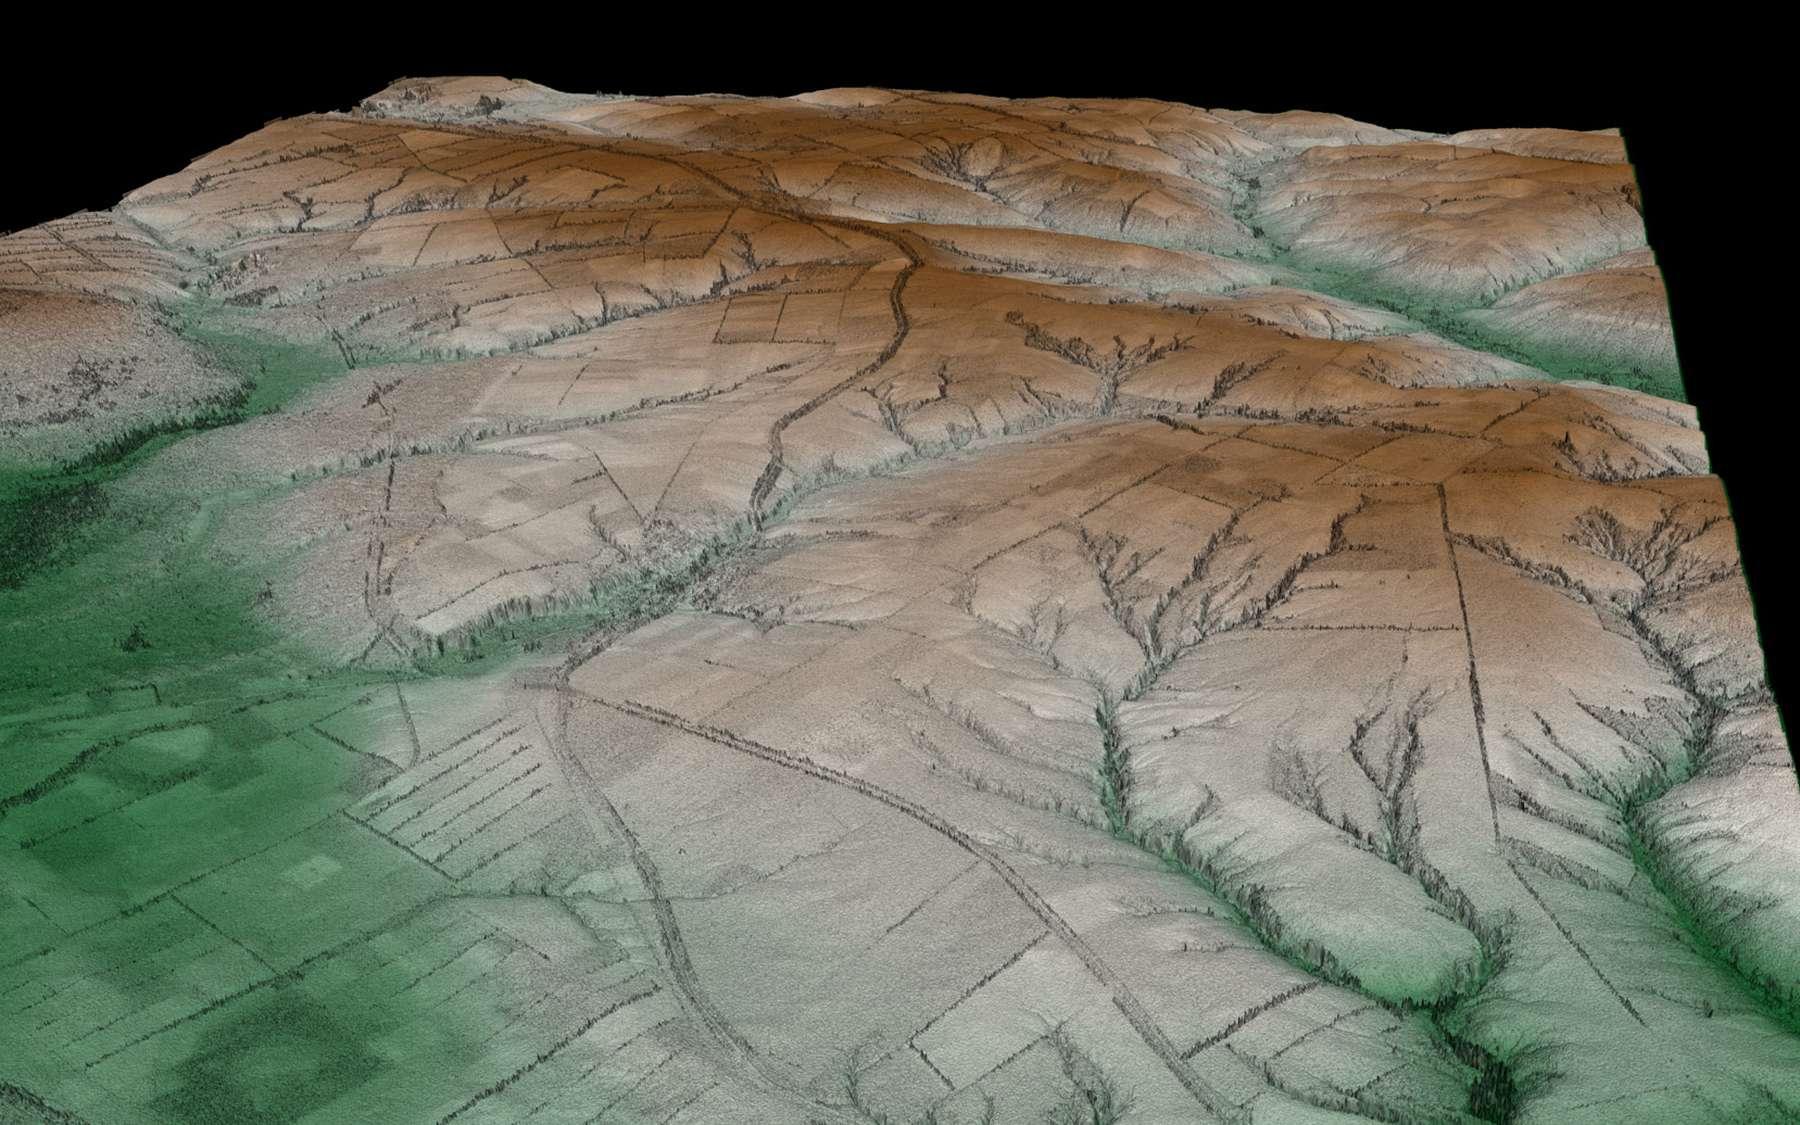 Cette image en 3D de la région Kalach on Don en Ukraine ouvre des perspectives intéressantes sur l'utilisation de ces données, notamment pour la prévision des inondations en cas de catastrophe. Crédit DLR